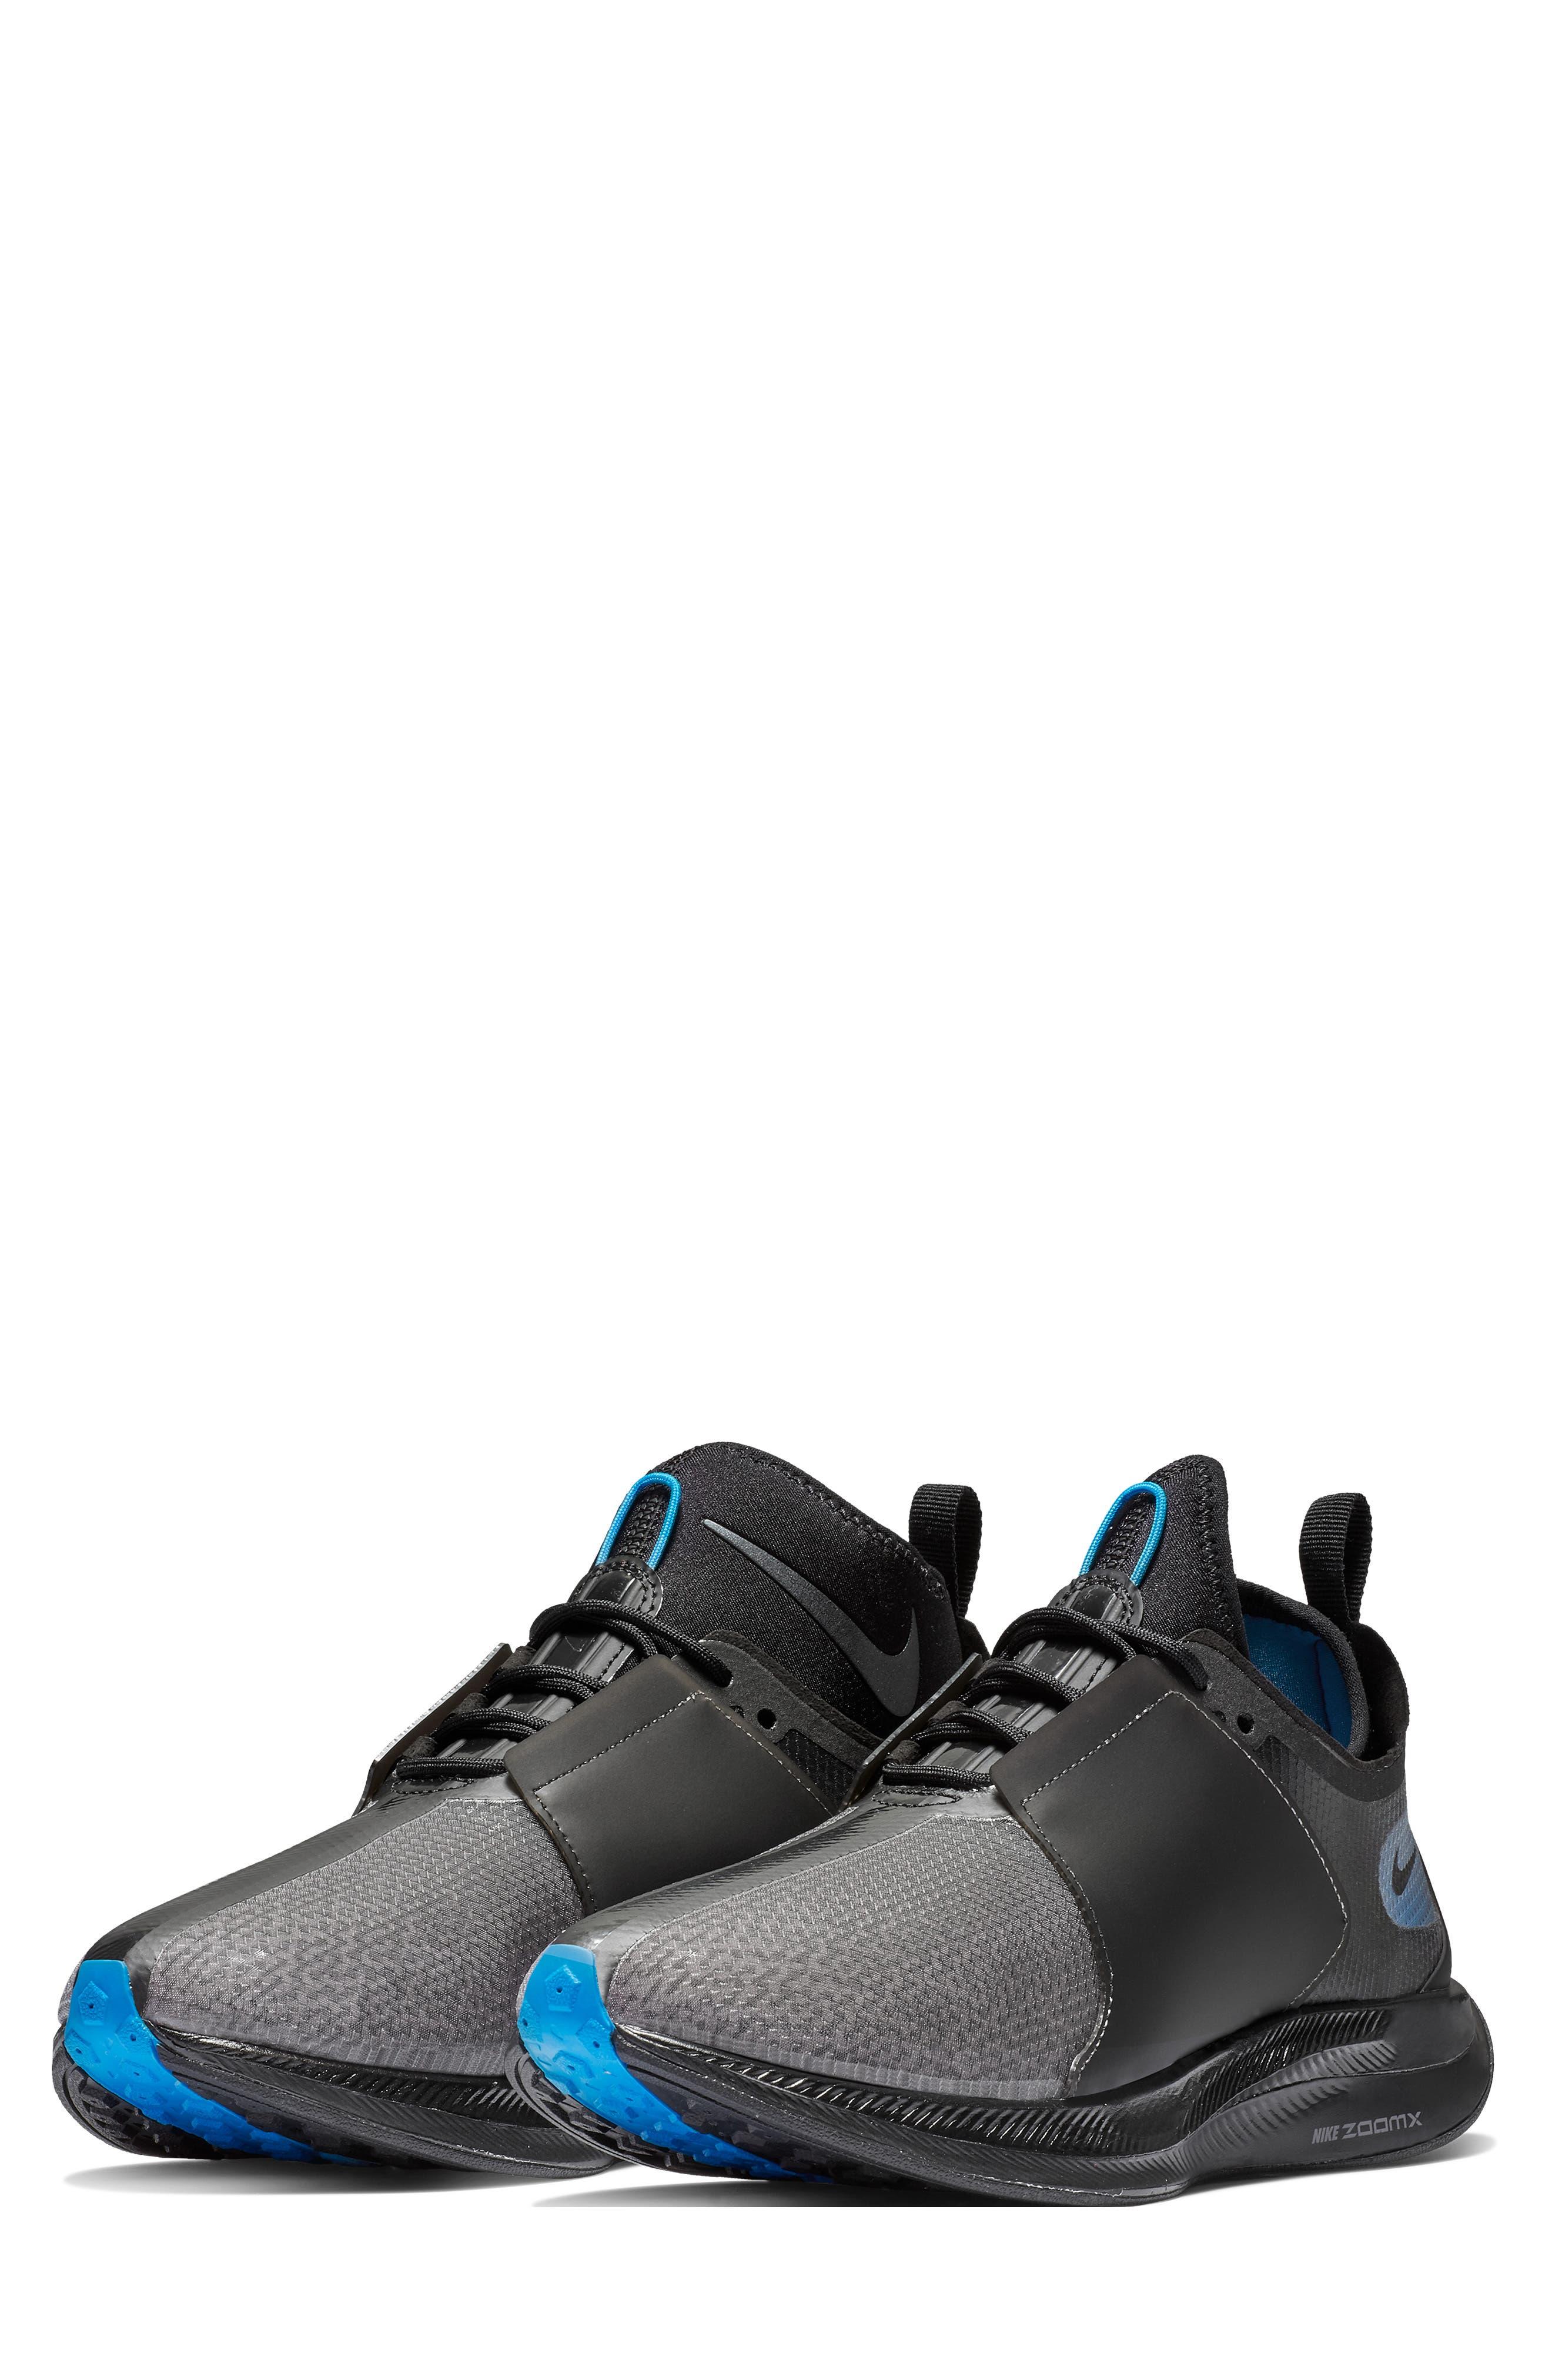 Zoom Pegasus Turbo XX Running Shoe,                             Main thumbnail 1, color,                             BLACK/ BLACK/ COBALT BLAZE